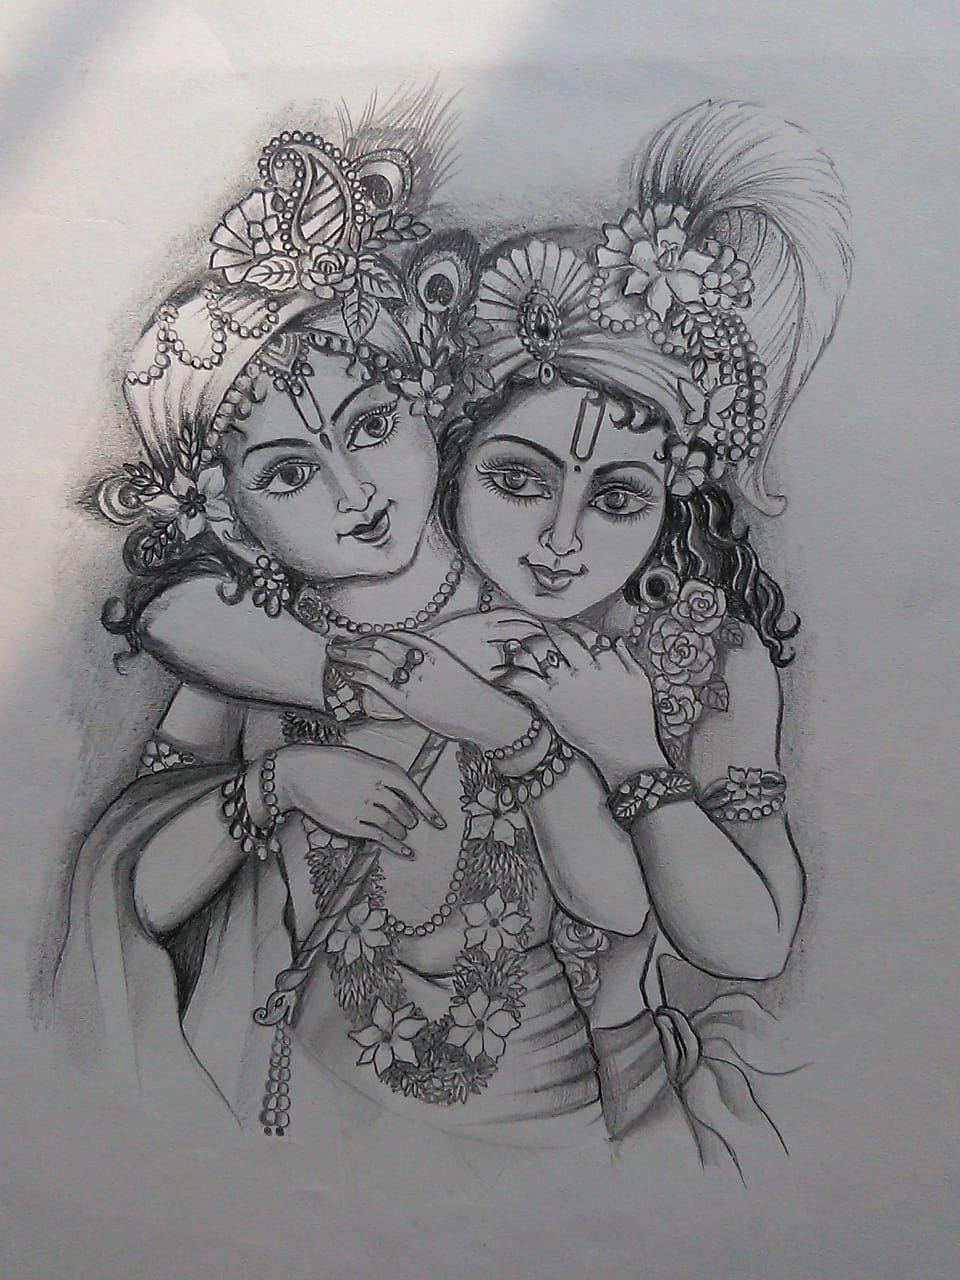 Pin By Isha On Krishna Leela In 2020 Indian Art Paintings Krishna Painting Radha Krishna Art